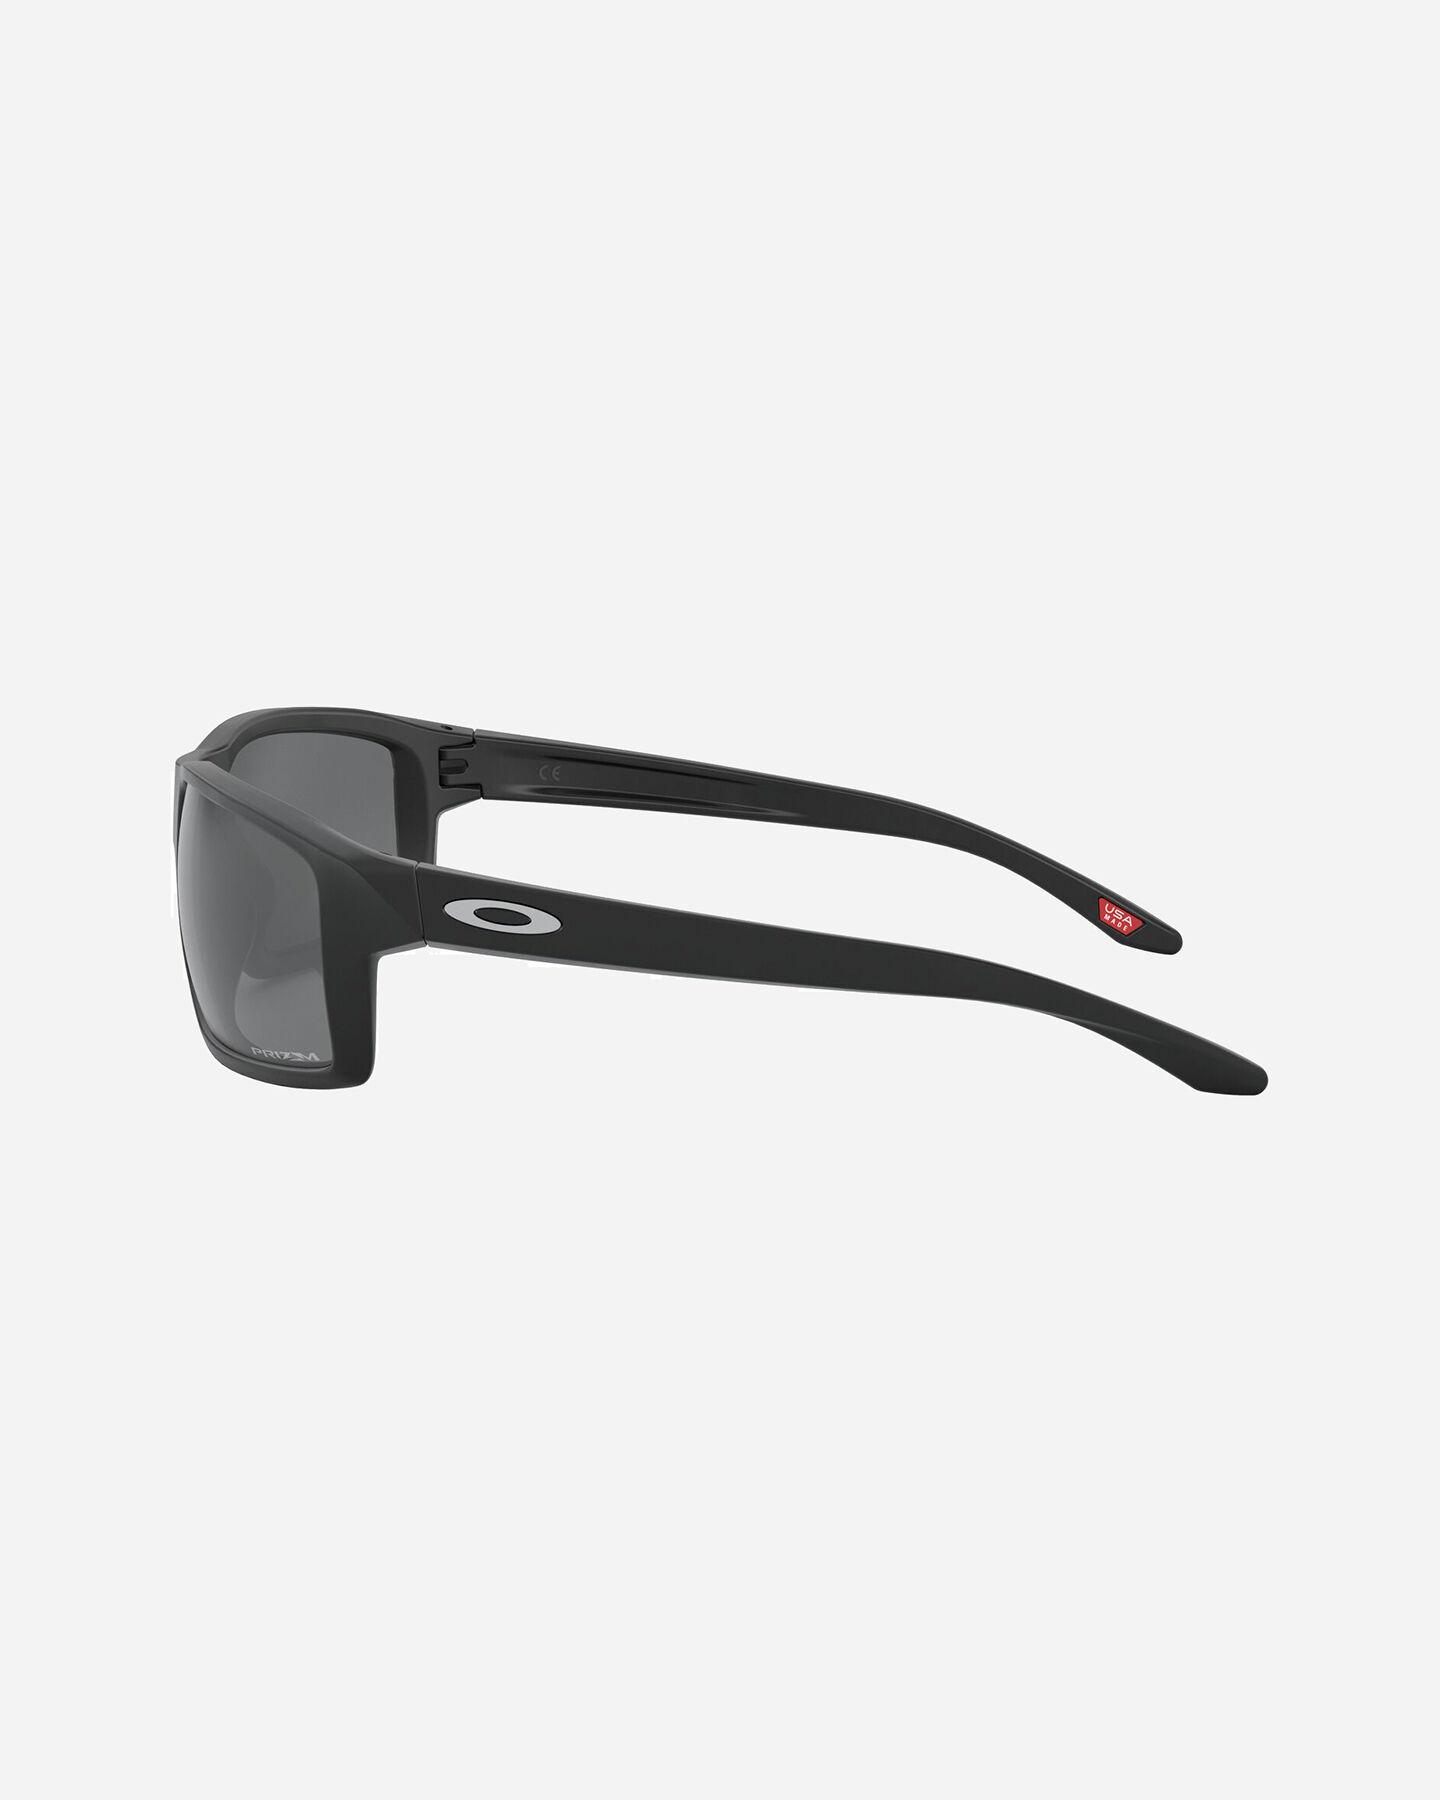 Occhiali OAKLEY GIBSTON S5221238|0360|60 scatto 5